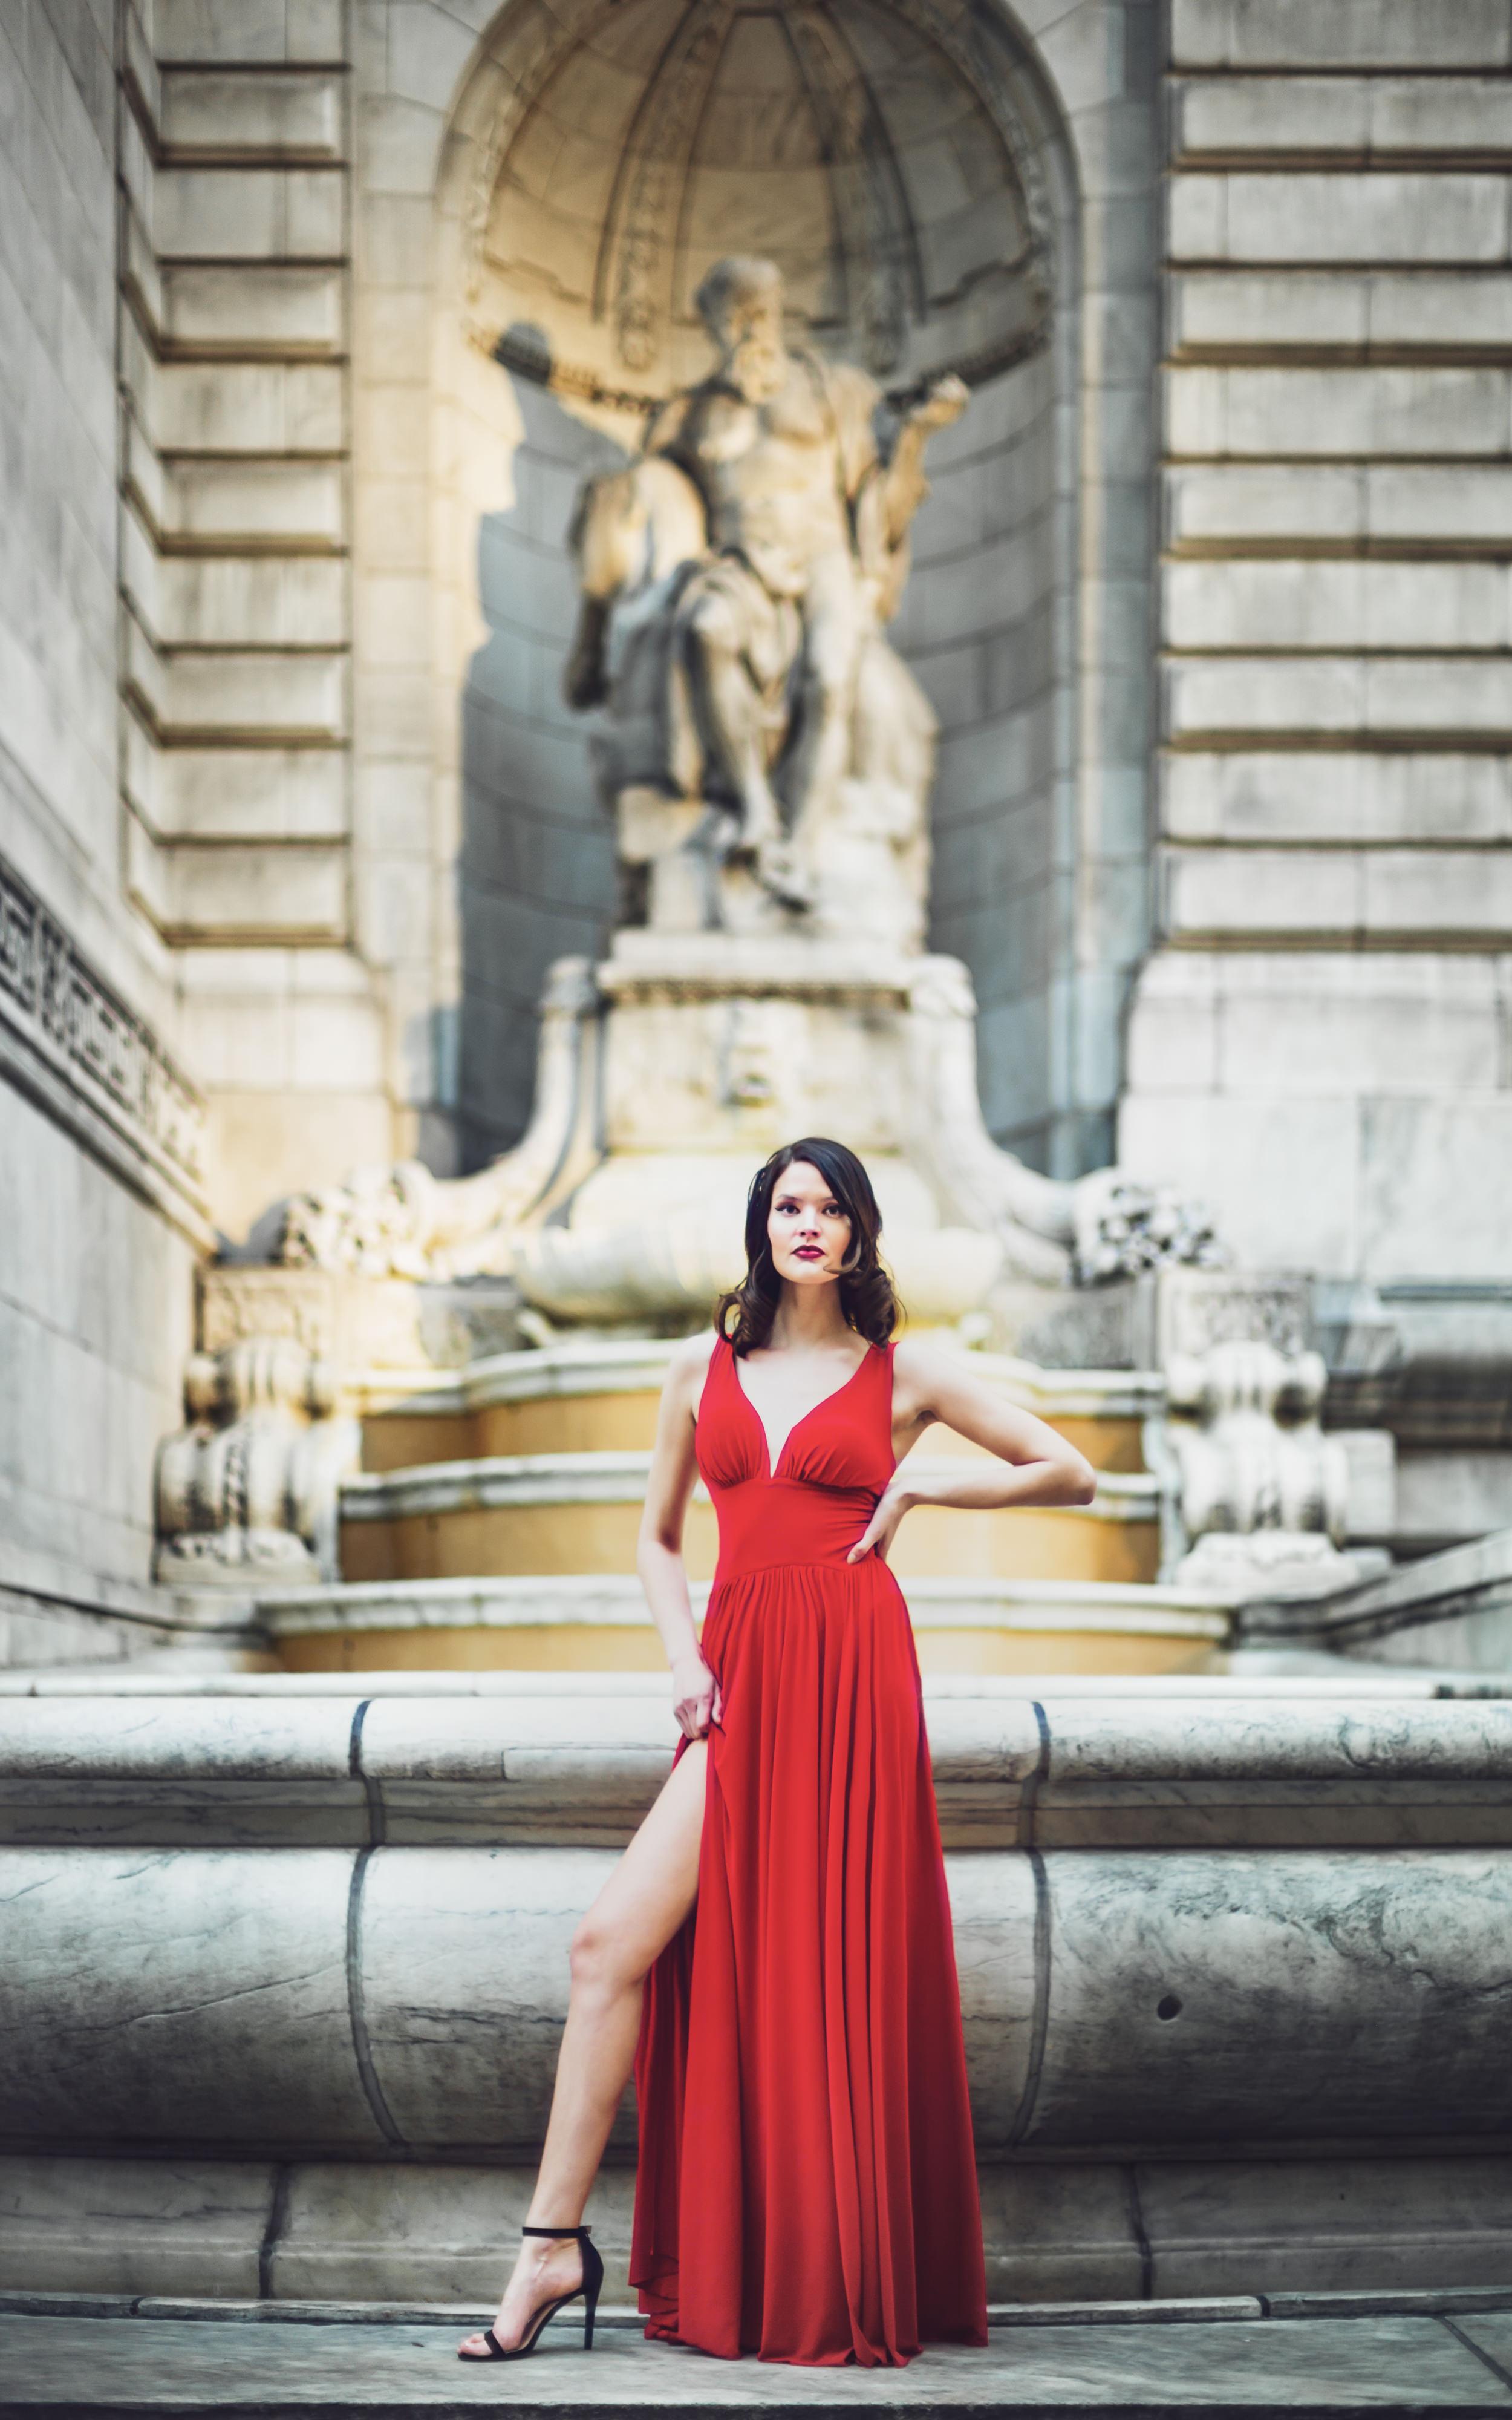 Alexandra_Popescu-York-02.jpg